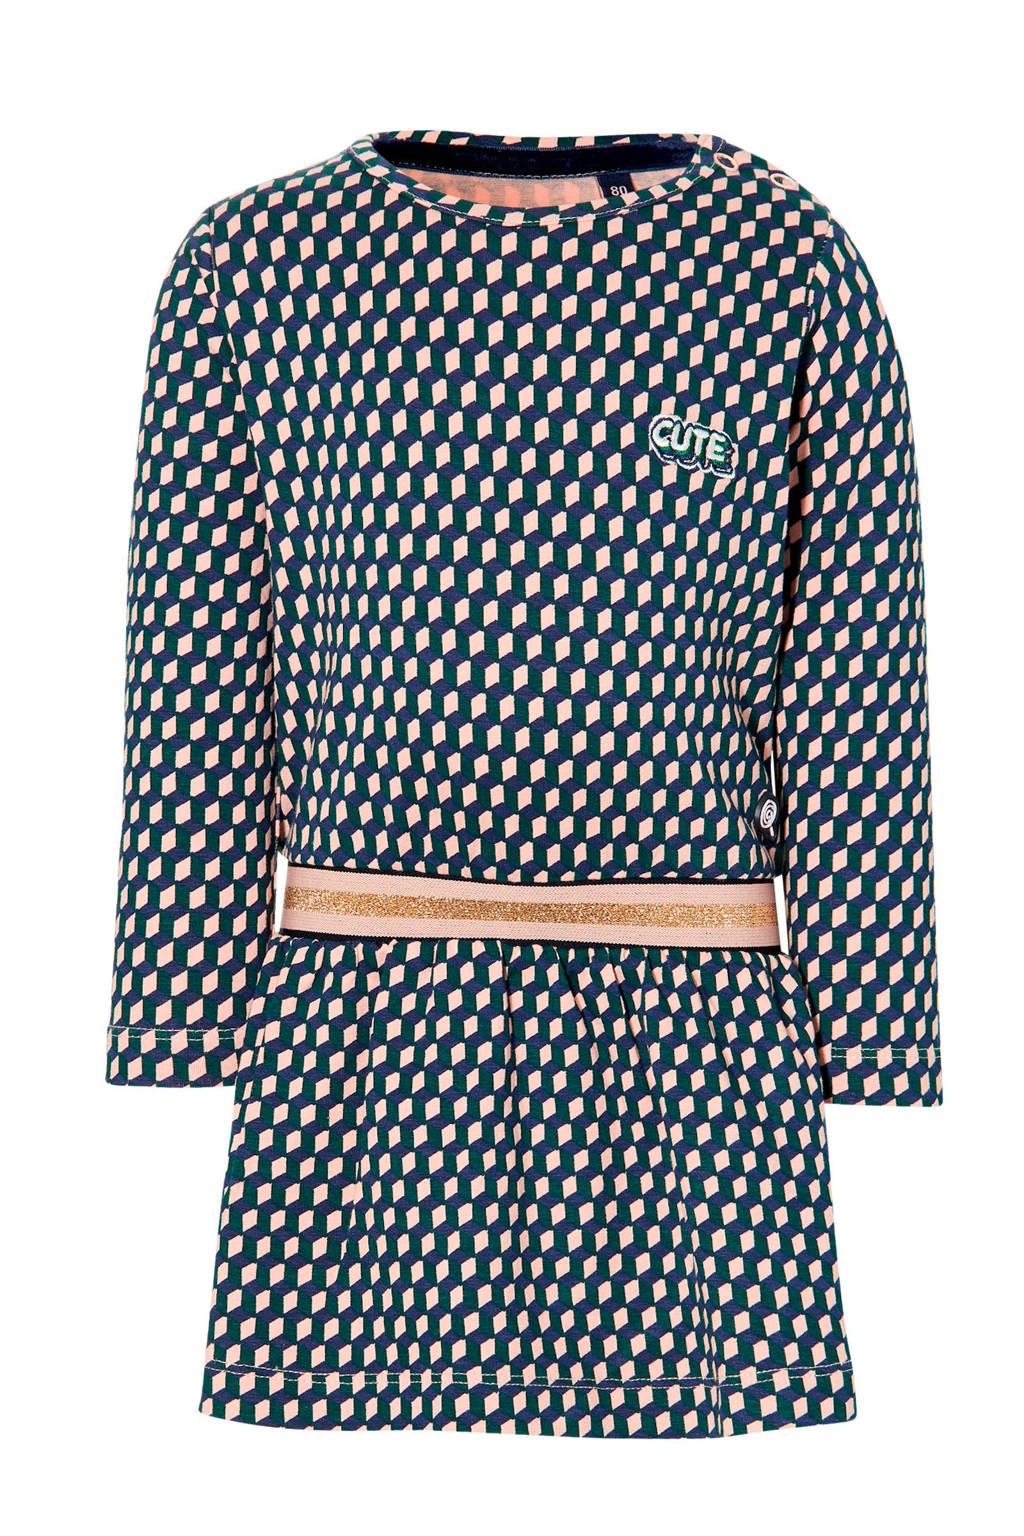 Quapi Mini jurk Elise met stippen roze/groen, Roze/groen